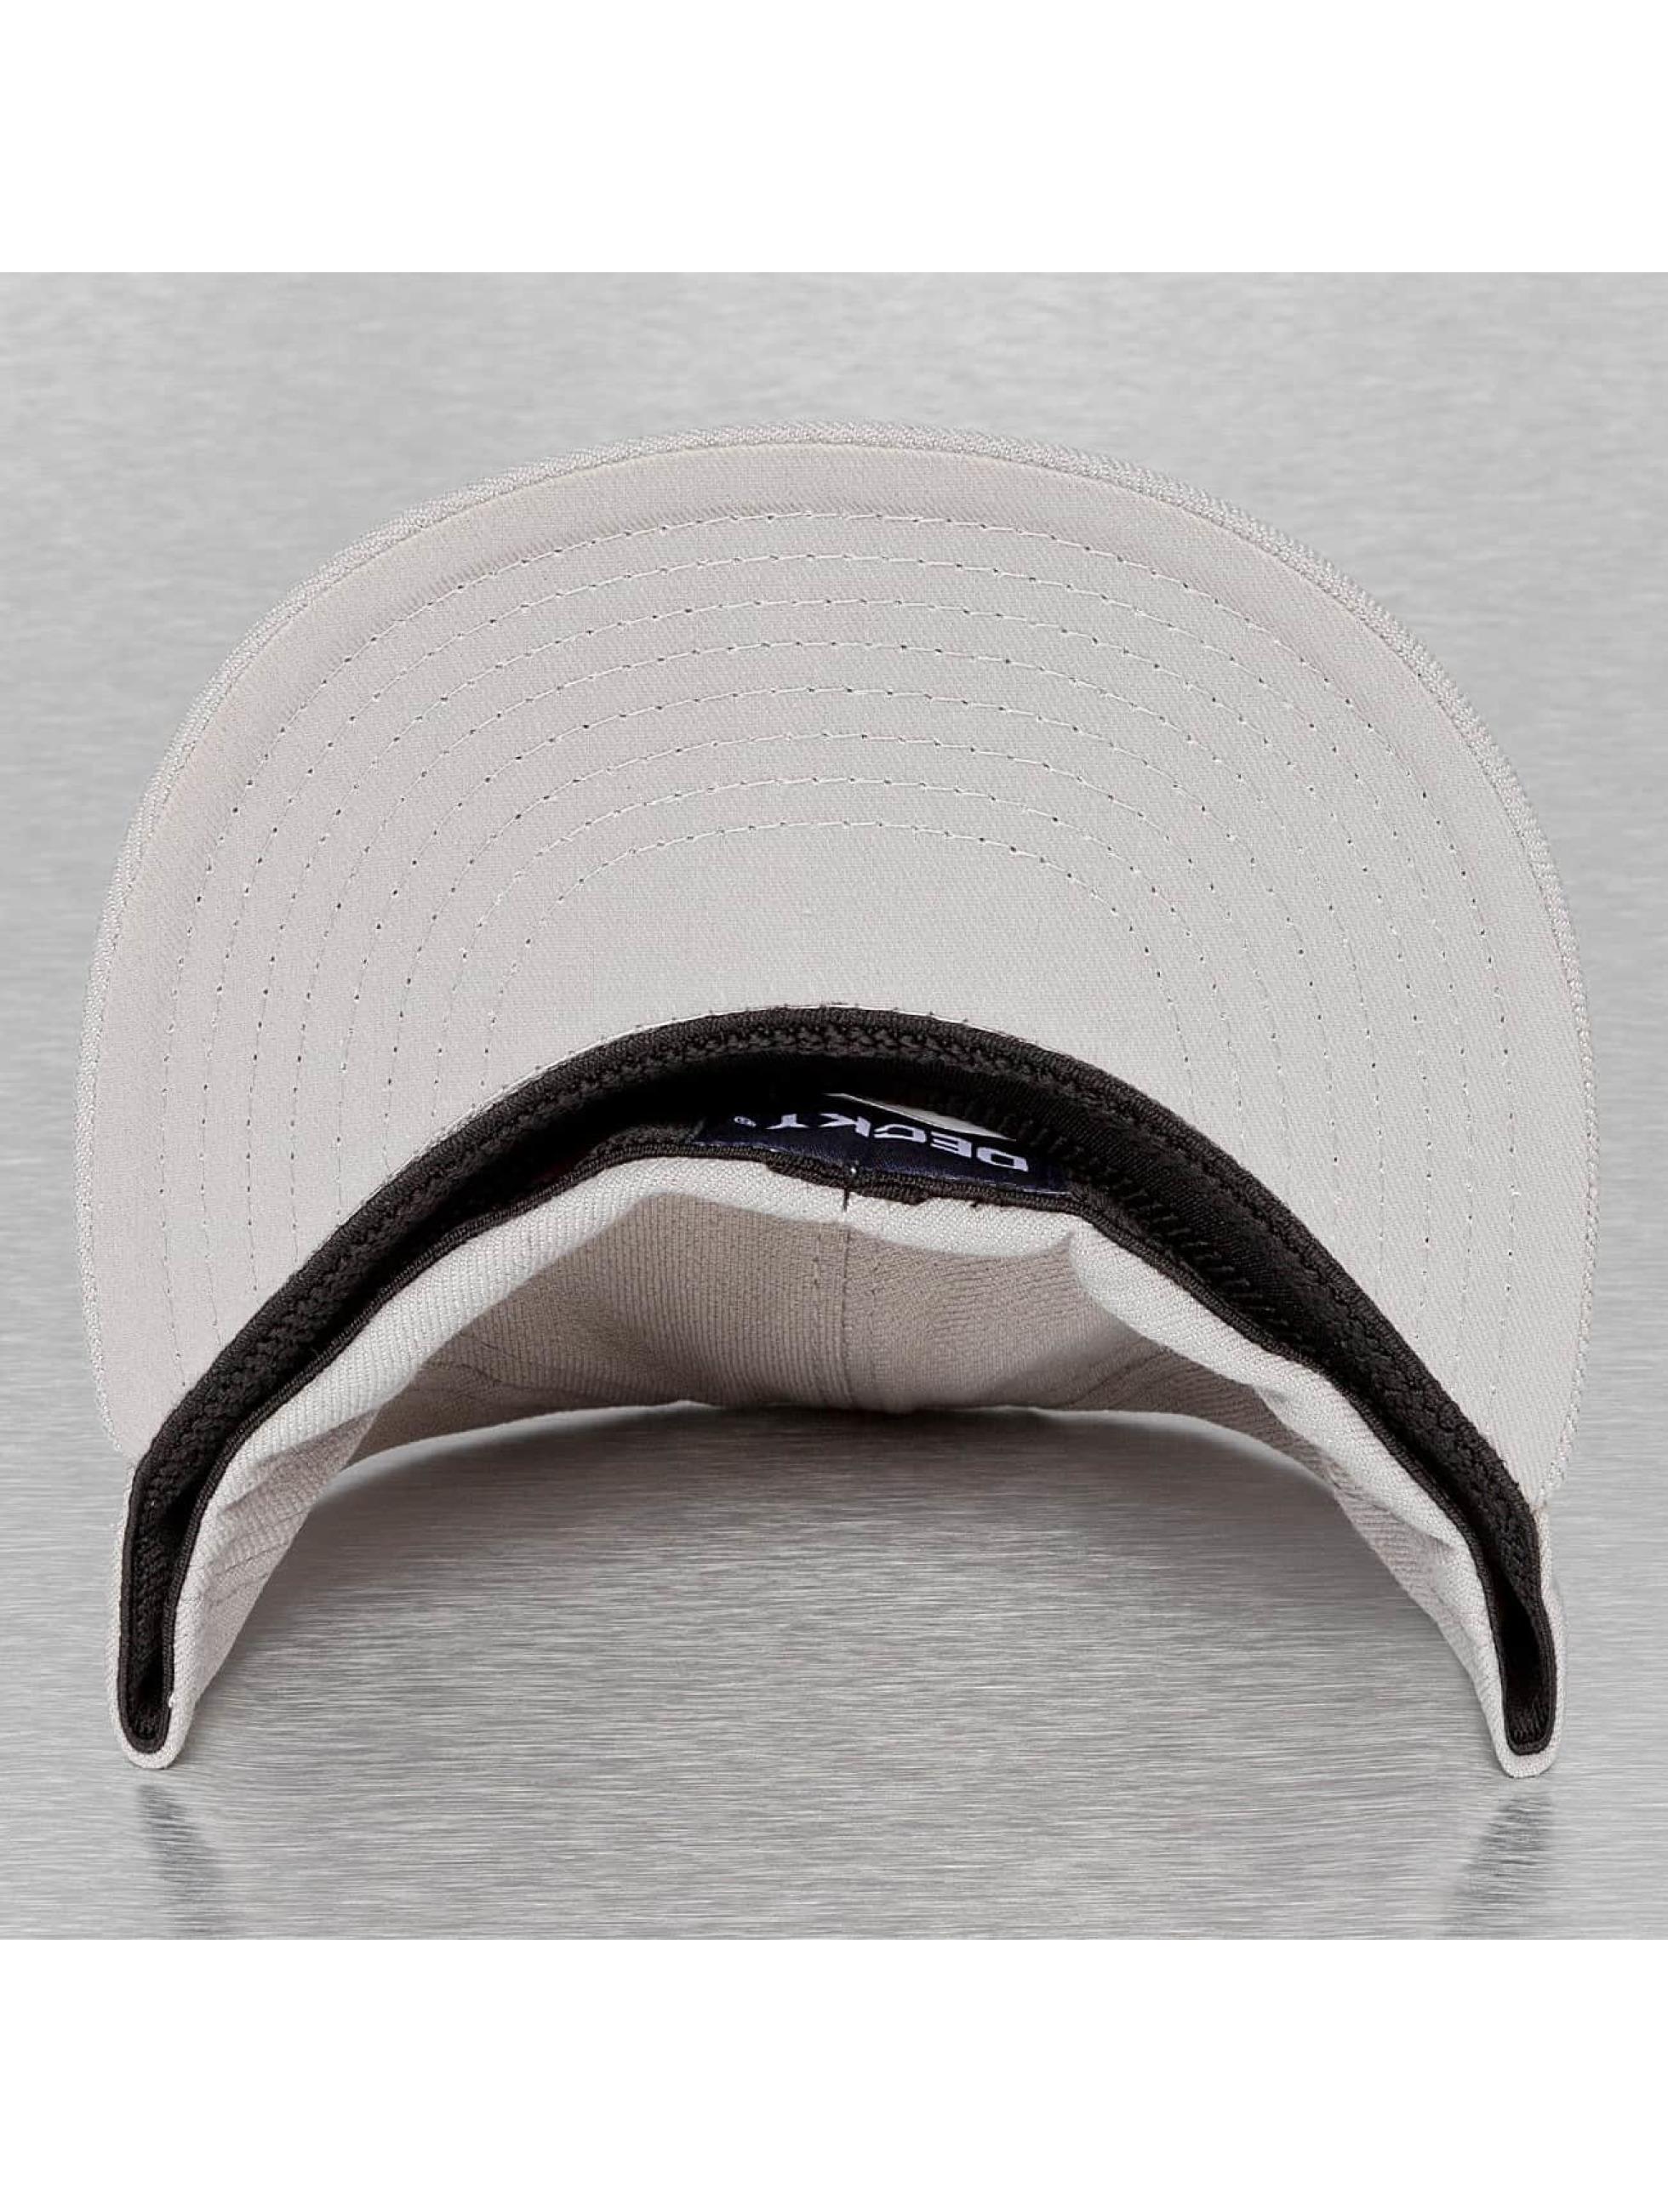 Decky USA Бейсболкa Flexfit Flat Bill серый